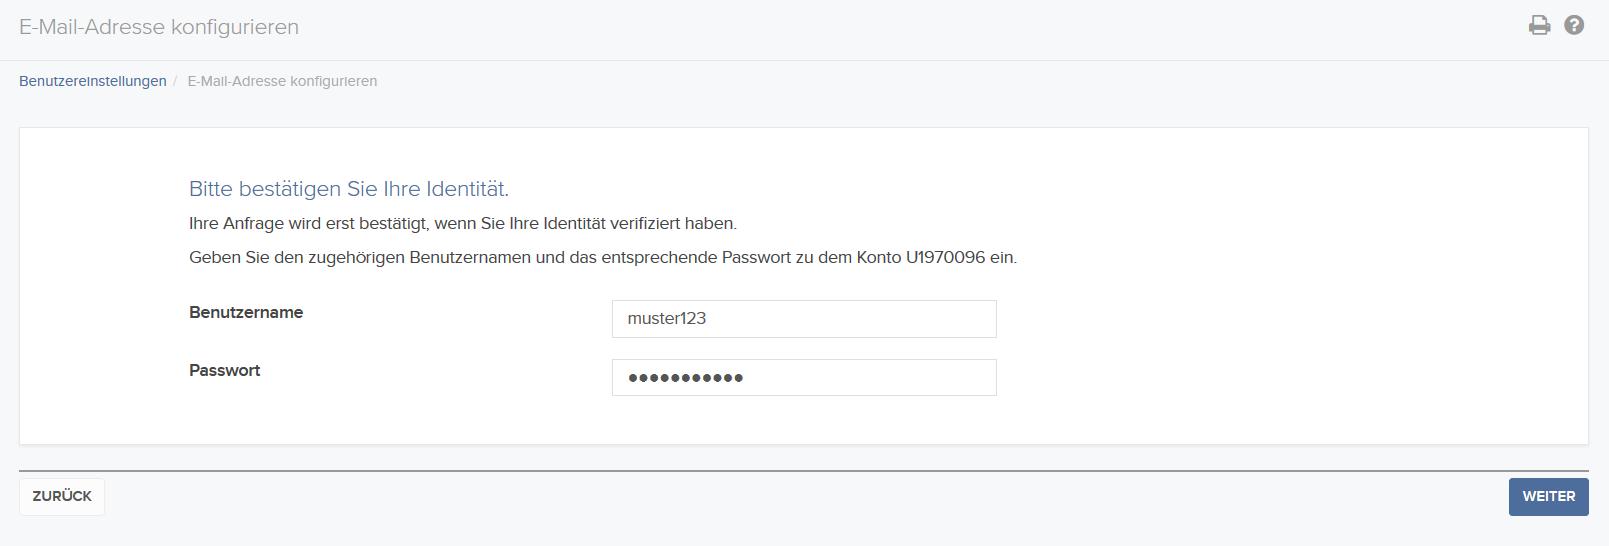 Hier erfahren Sie, wie Sie Ihre E-Mail-Adresse innerhalb Ihrer Kontoverwaltung hinterlegen können.